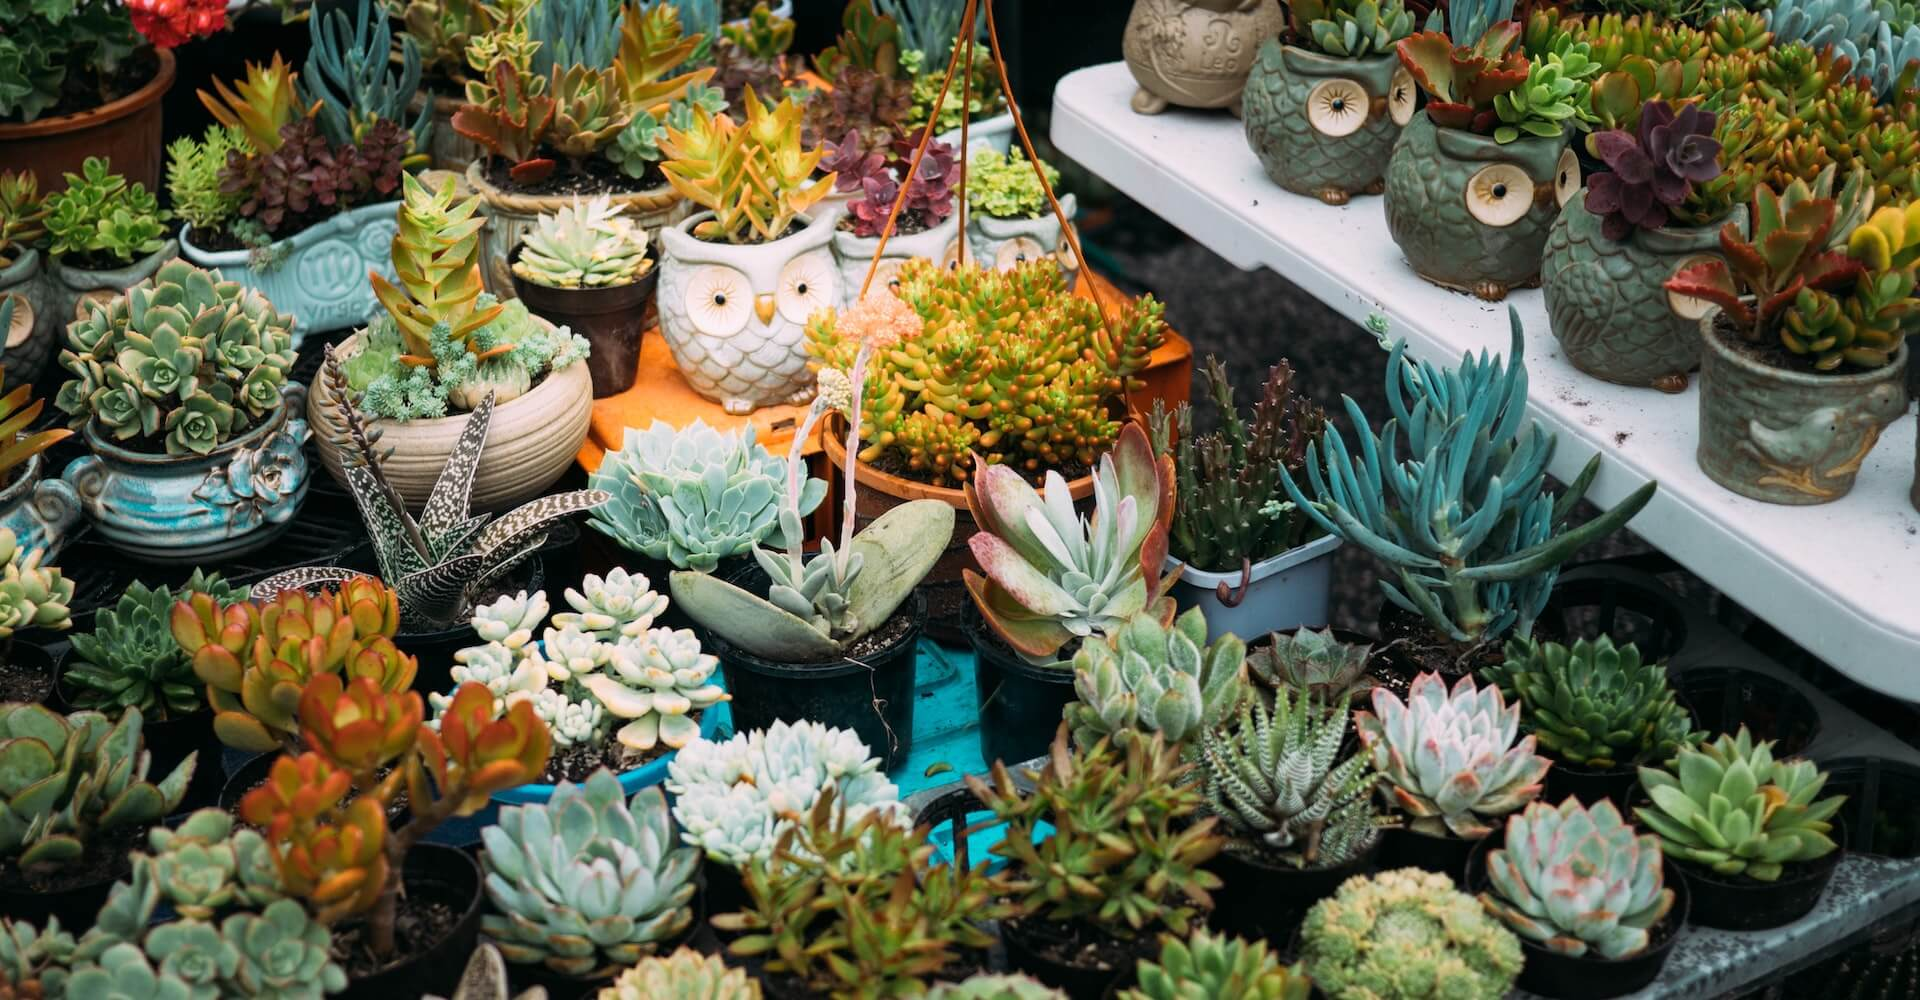 Nosotros, El Taller del Encanto. Asesoramiento en decoración de eventos y celebraciones con cactus, crasas y suculentas